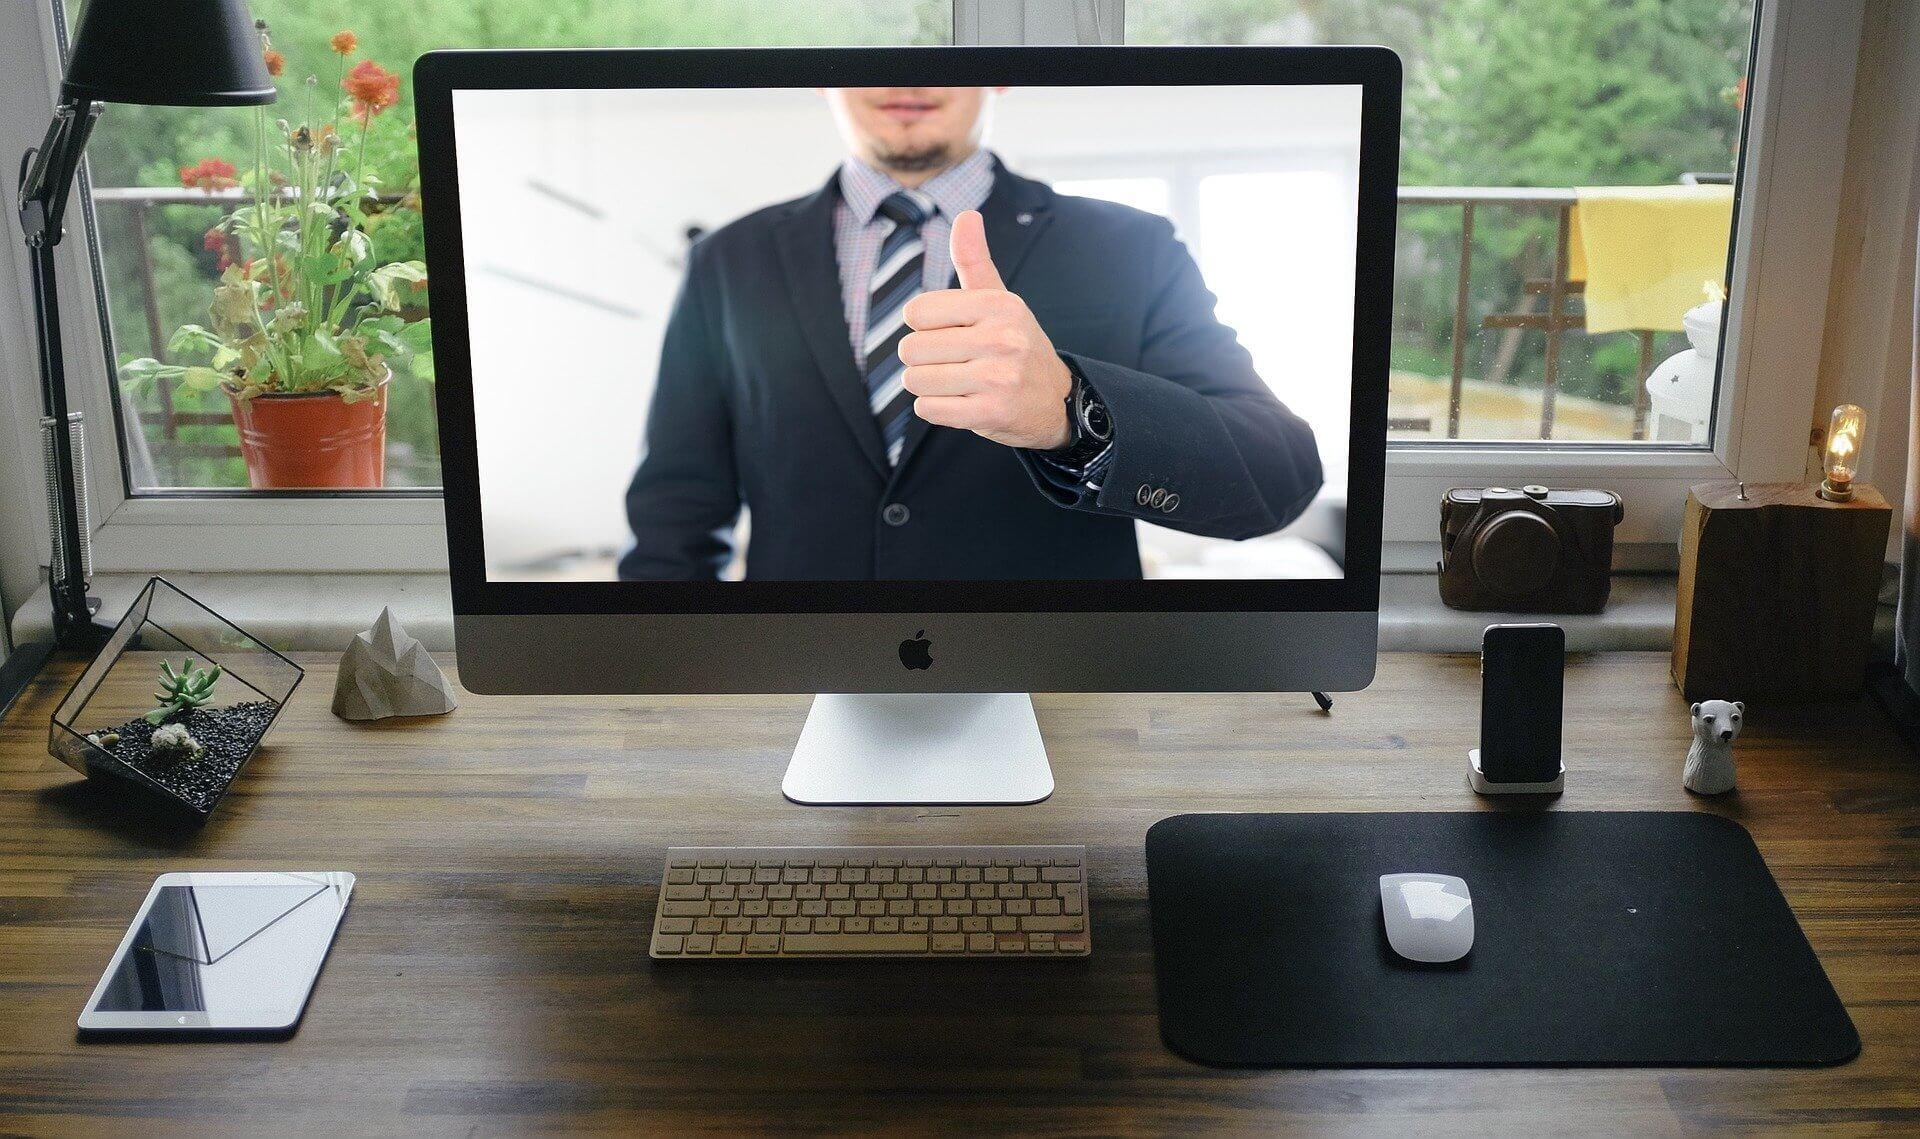 Videokonferenzen (c) tumisu / pixabay.de